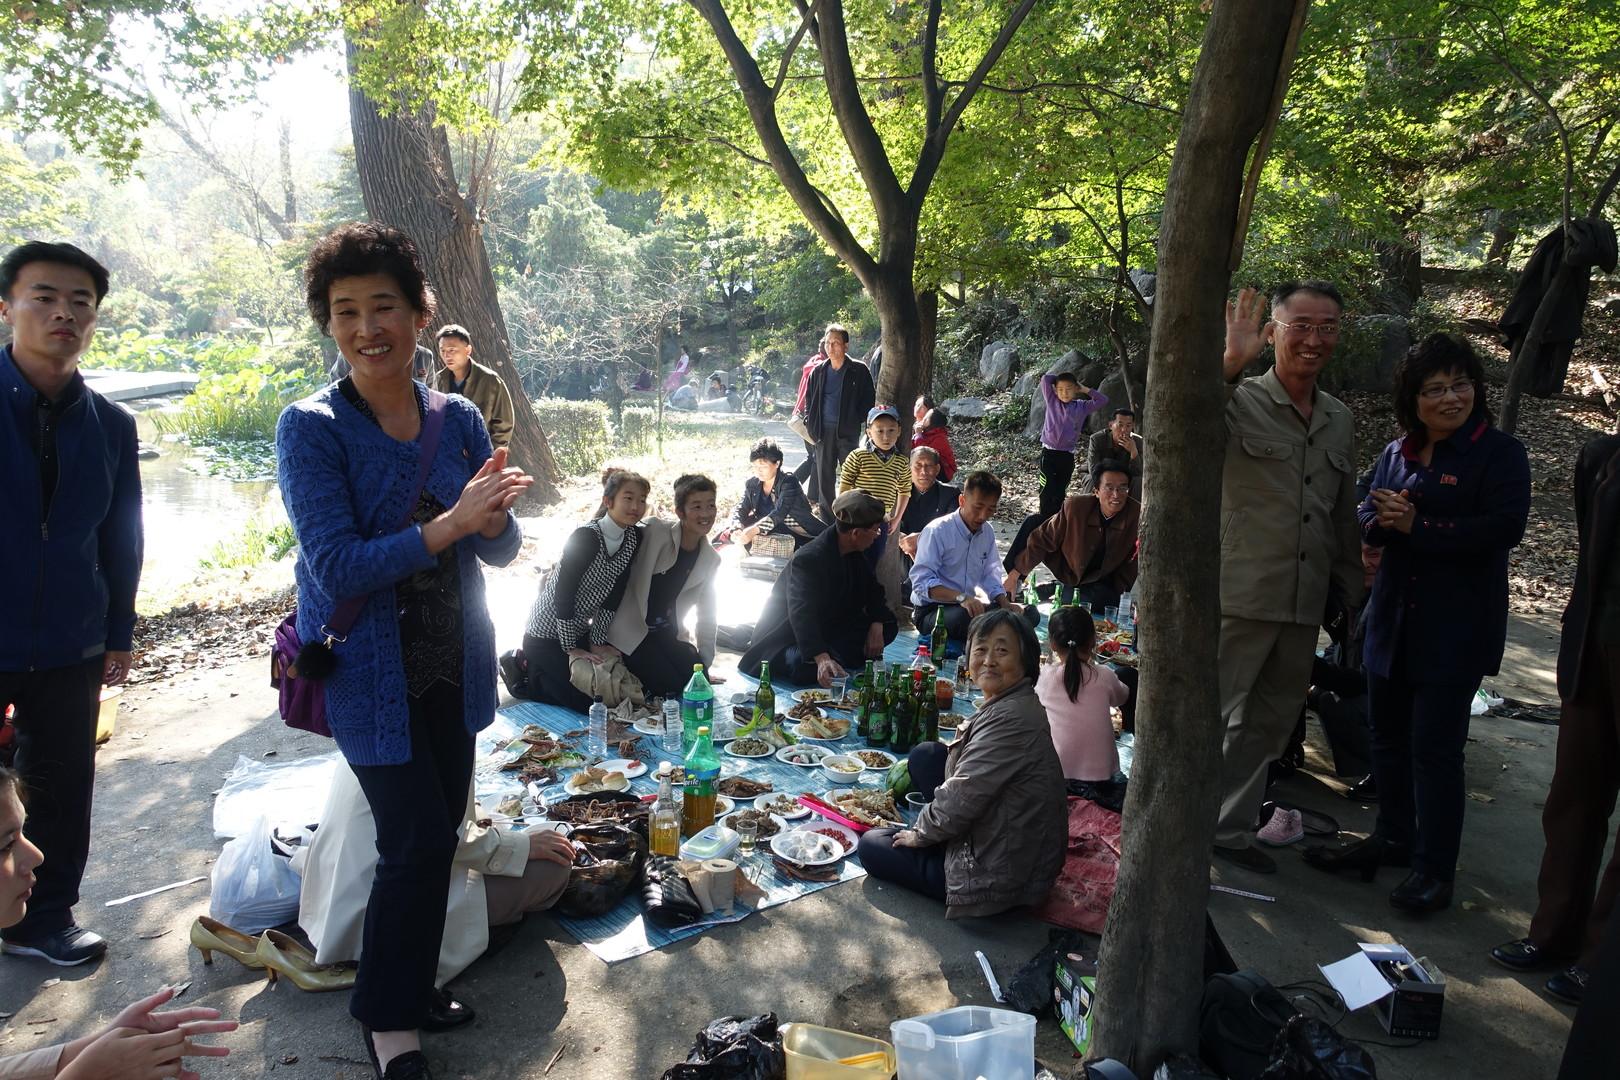 Nordkoreanische Kunst gegen Vorurteile und zum besseren Miteinander